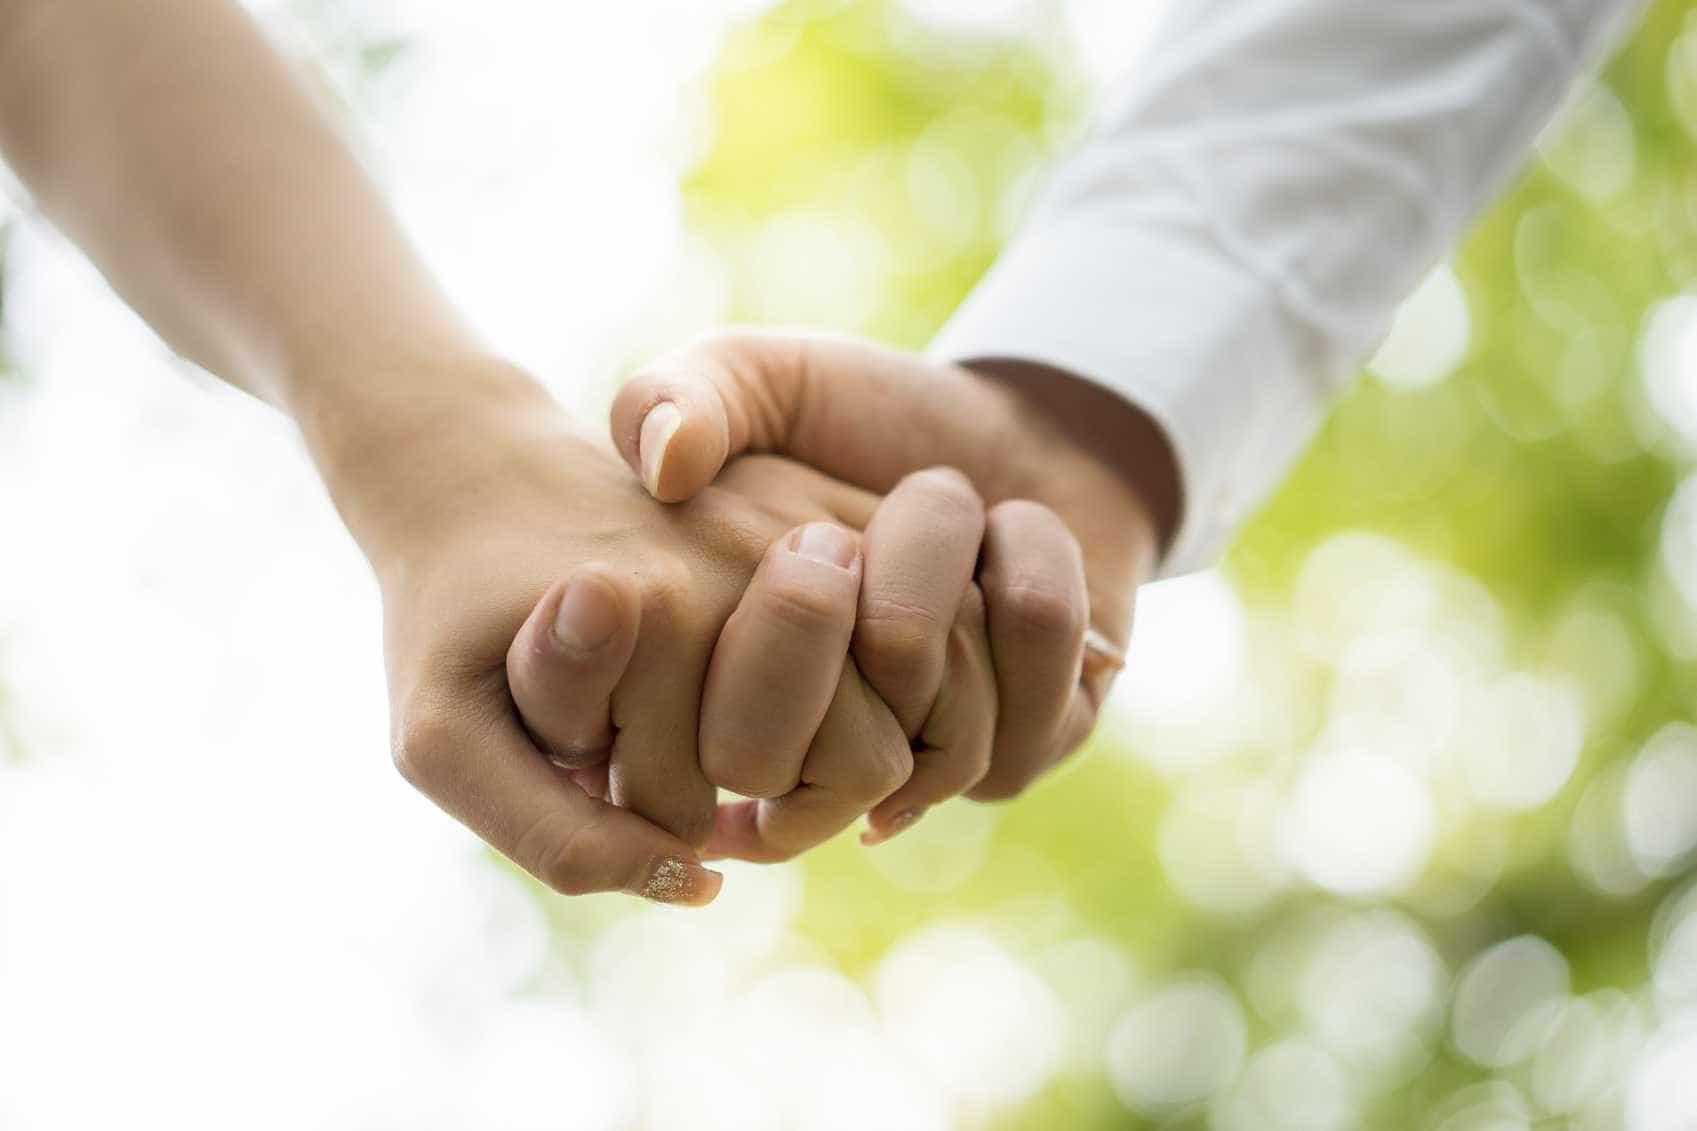 Mãe lésbica apaixona-se por dador de esperma que foi 'pai' das filhas